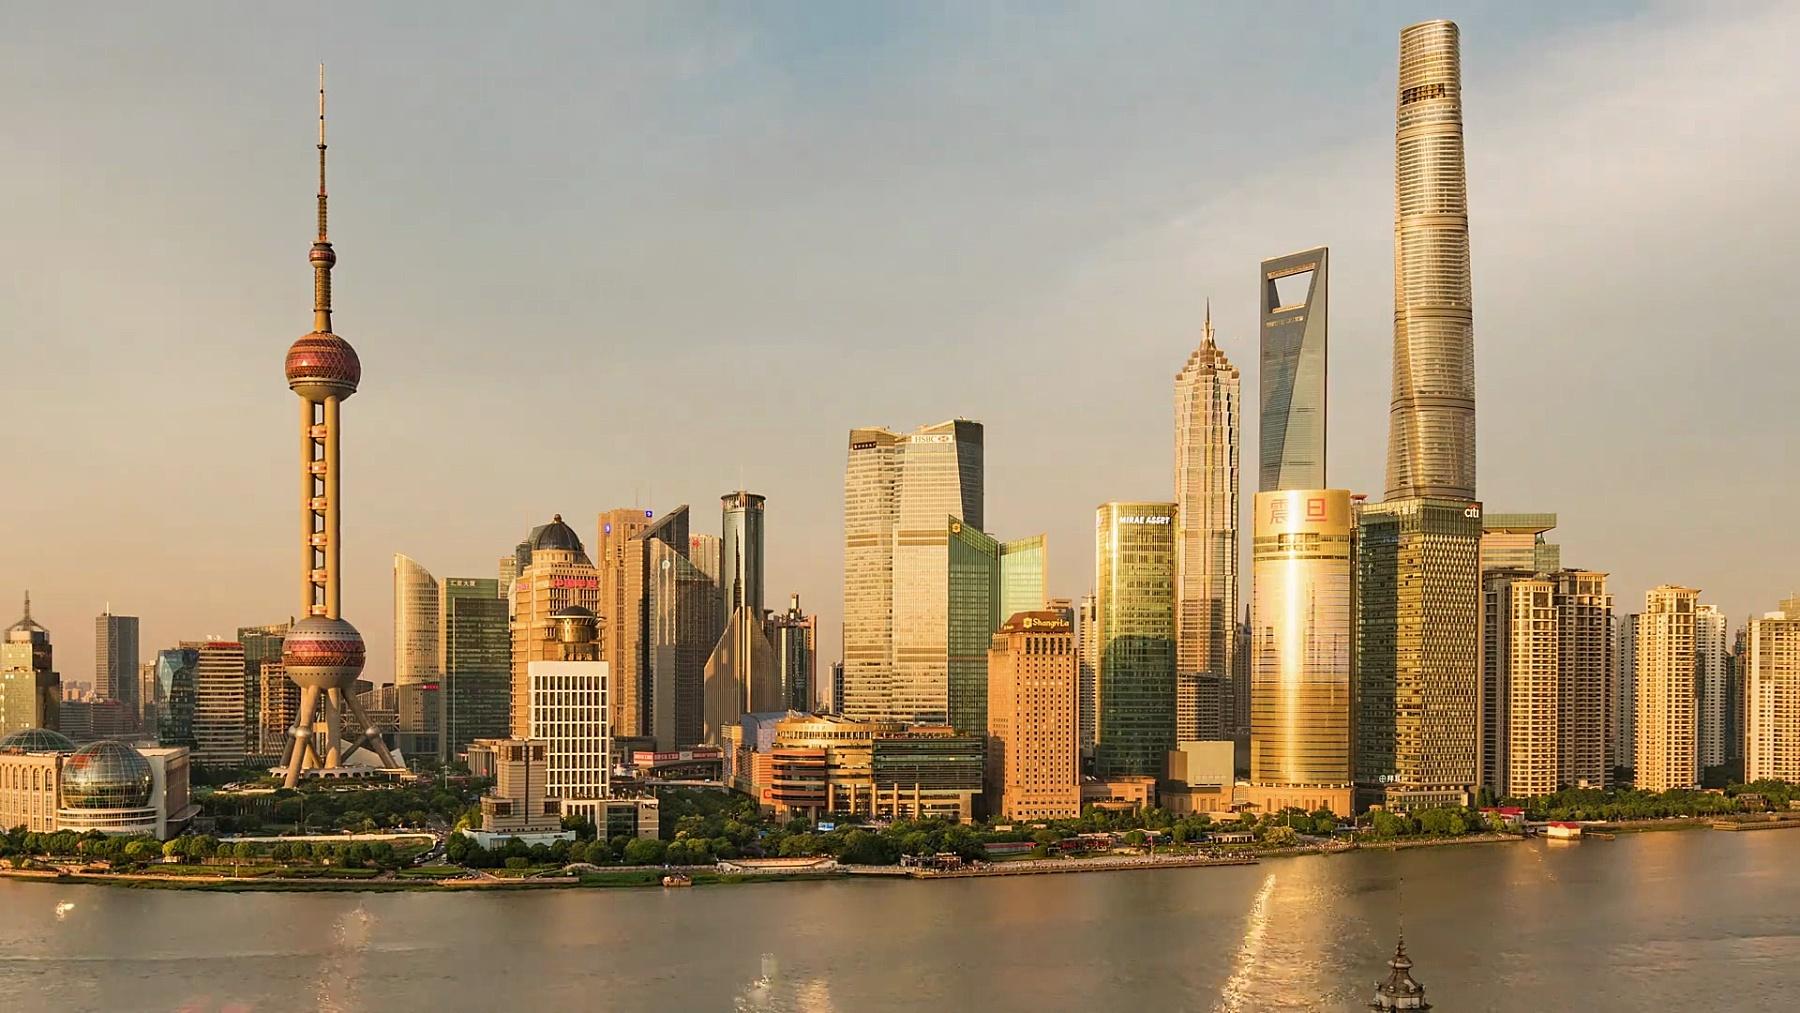 延时摄影上海天际线